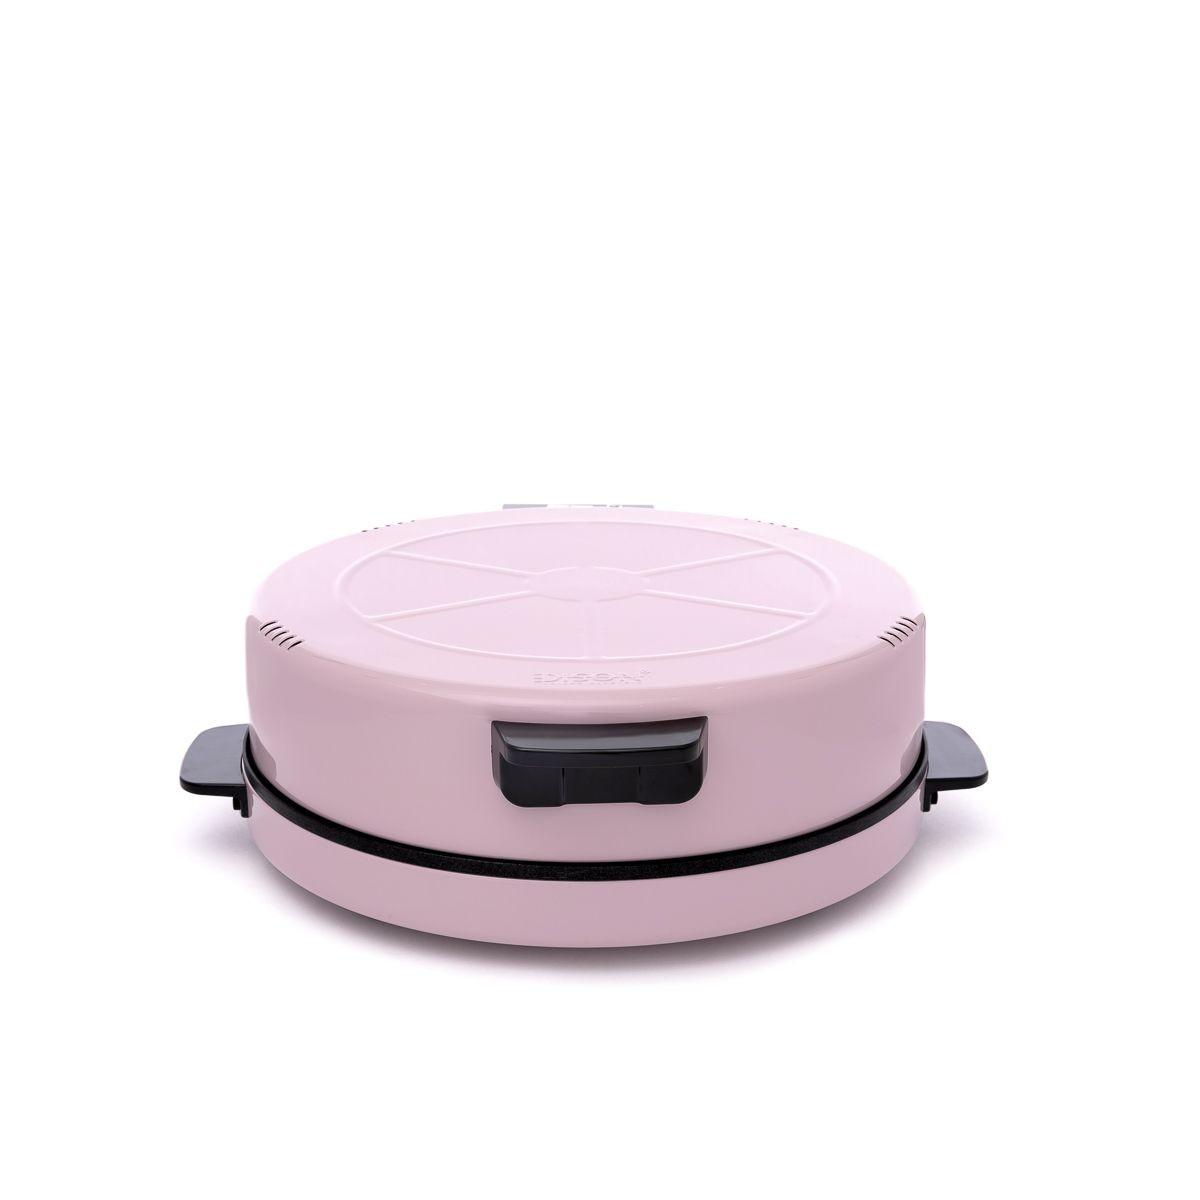 أفضل أنواع الخبازة الكهربائية- خبازة اديسون